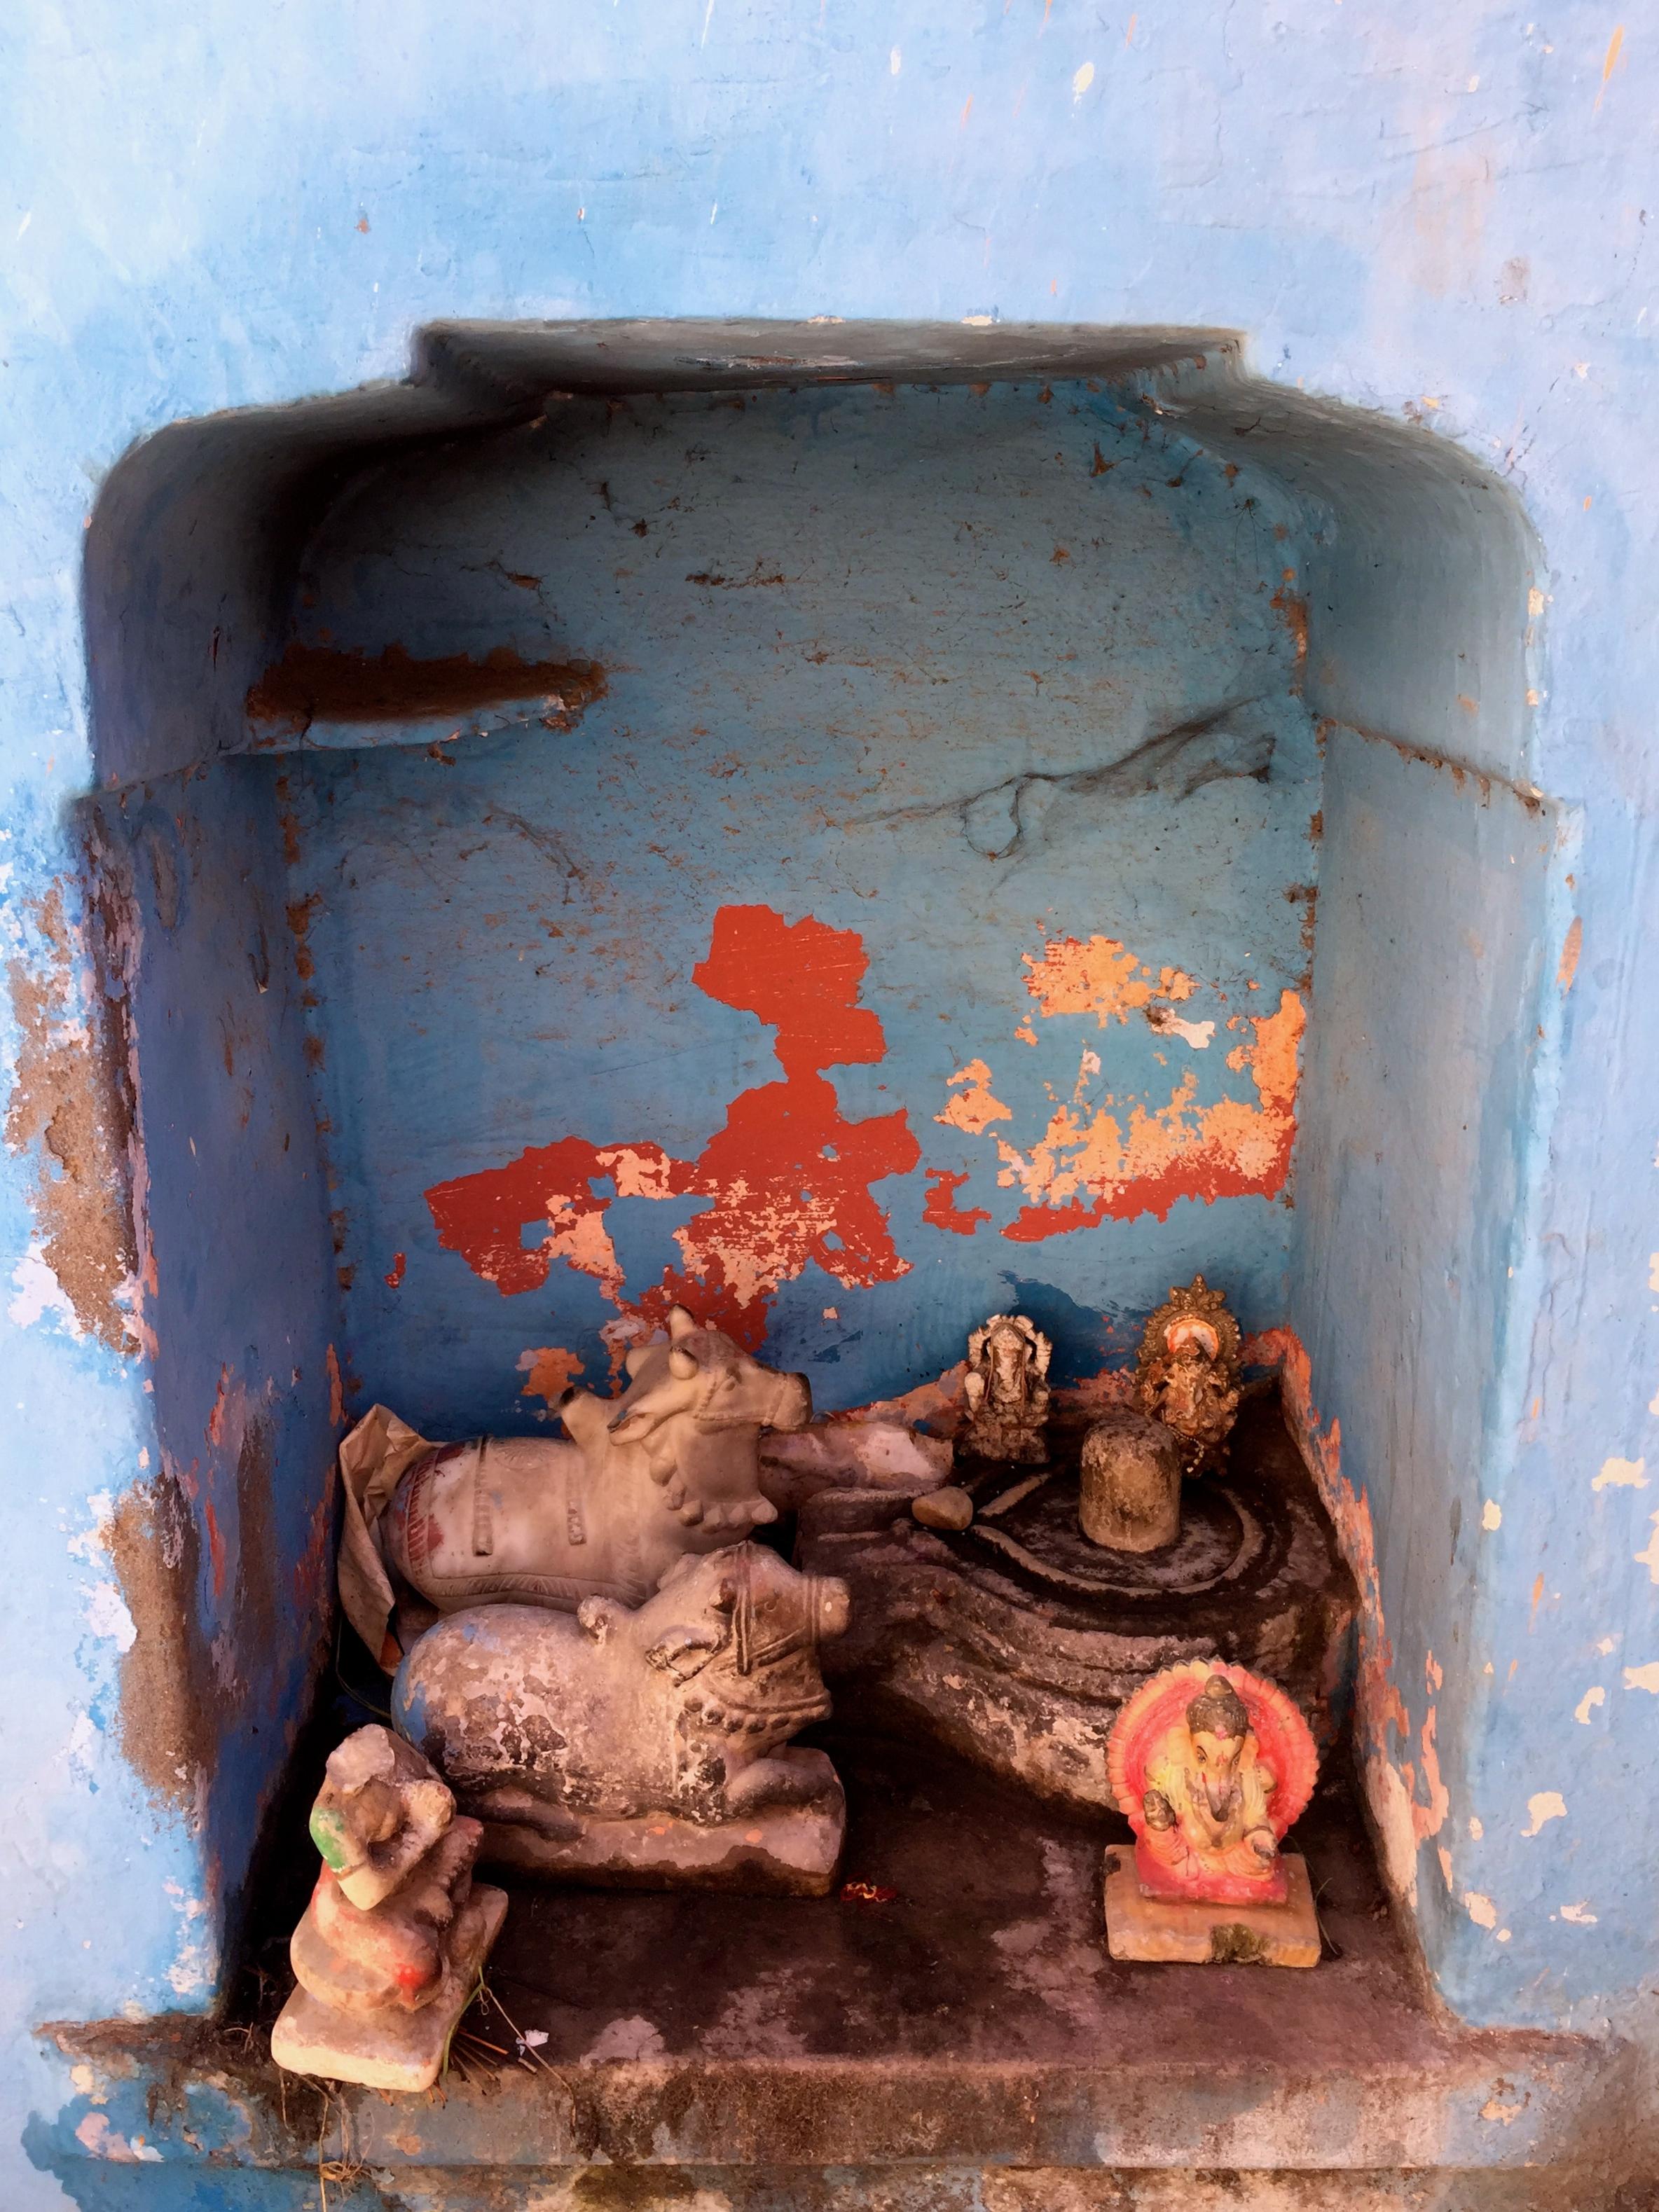 Ganesha und heilige Kühe in einem Schrein in Pushkar